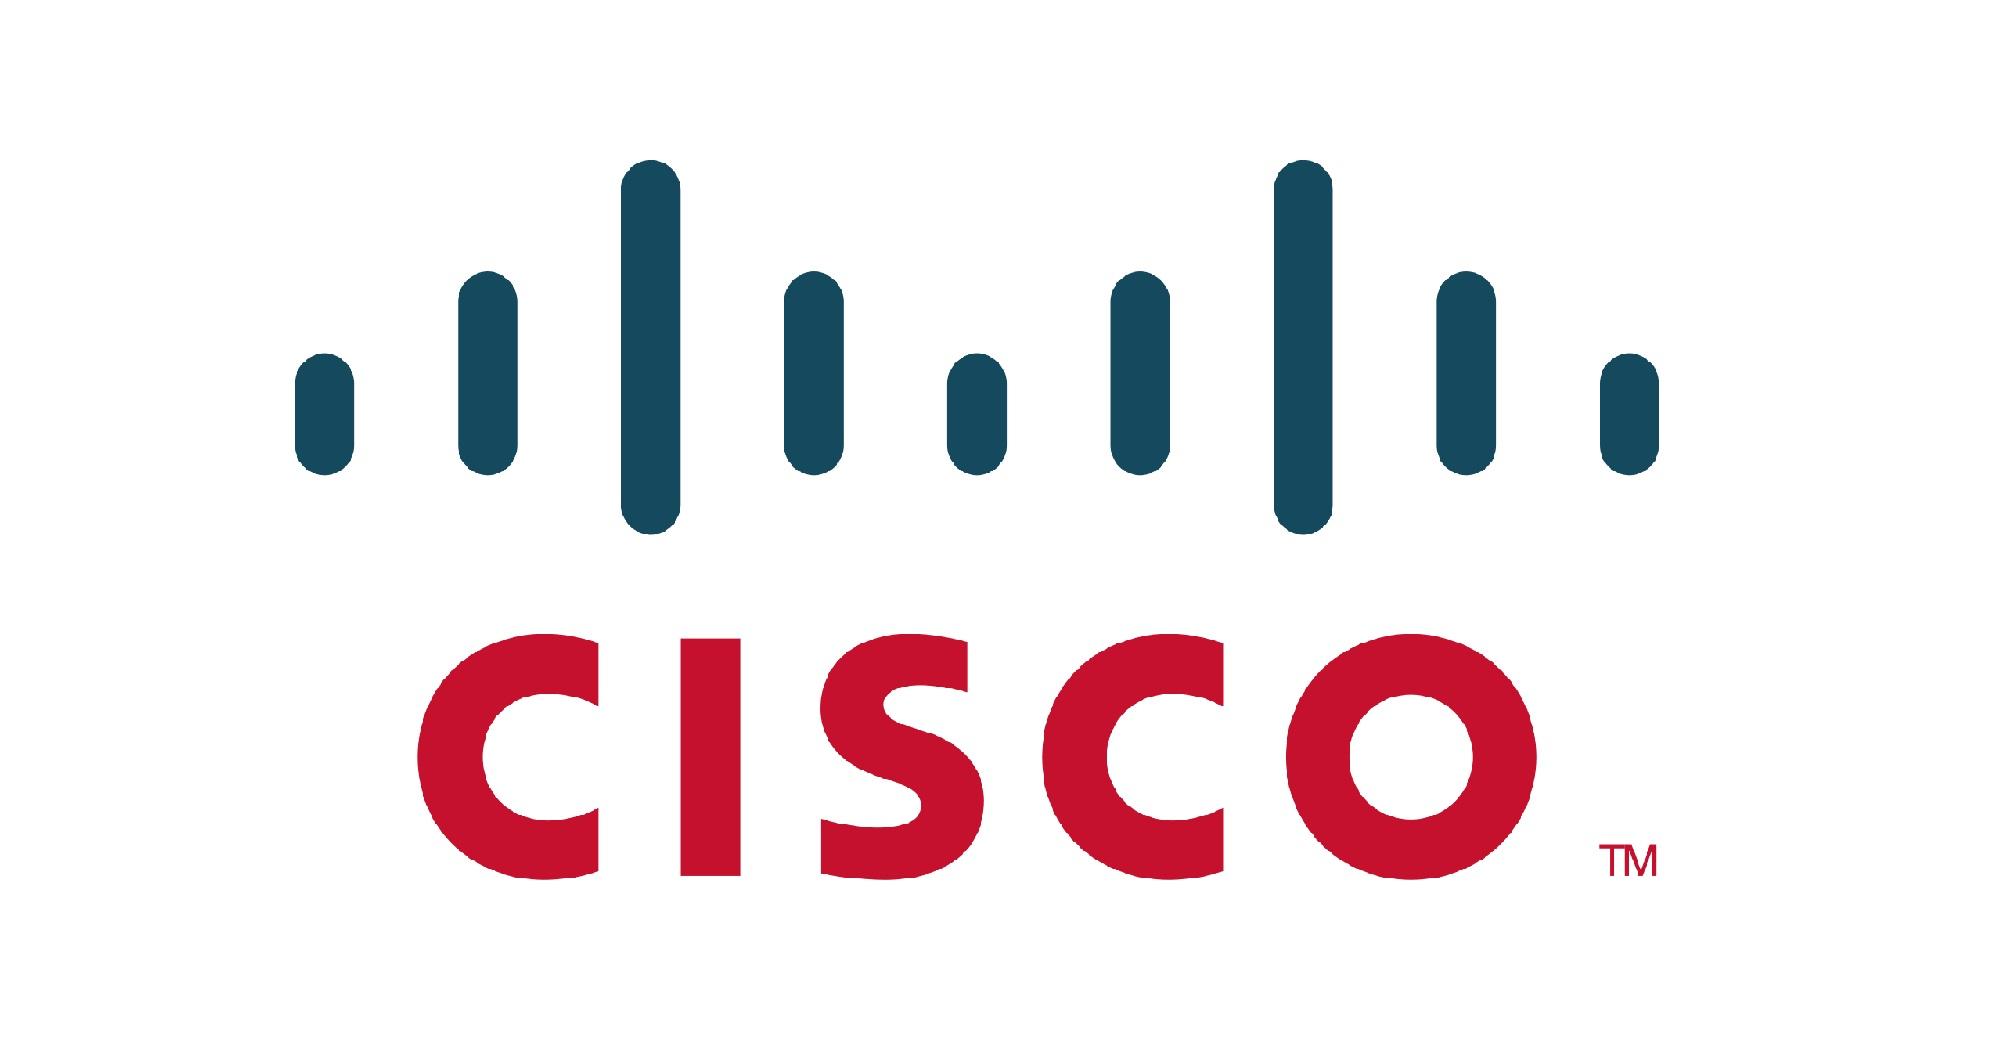 CiscoLogo.jpg